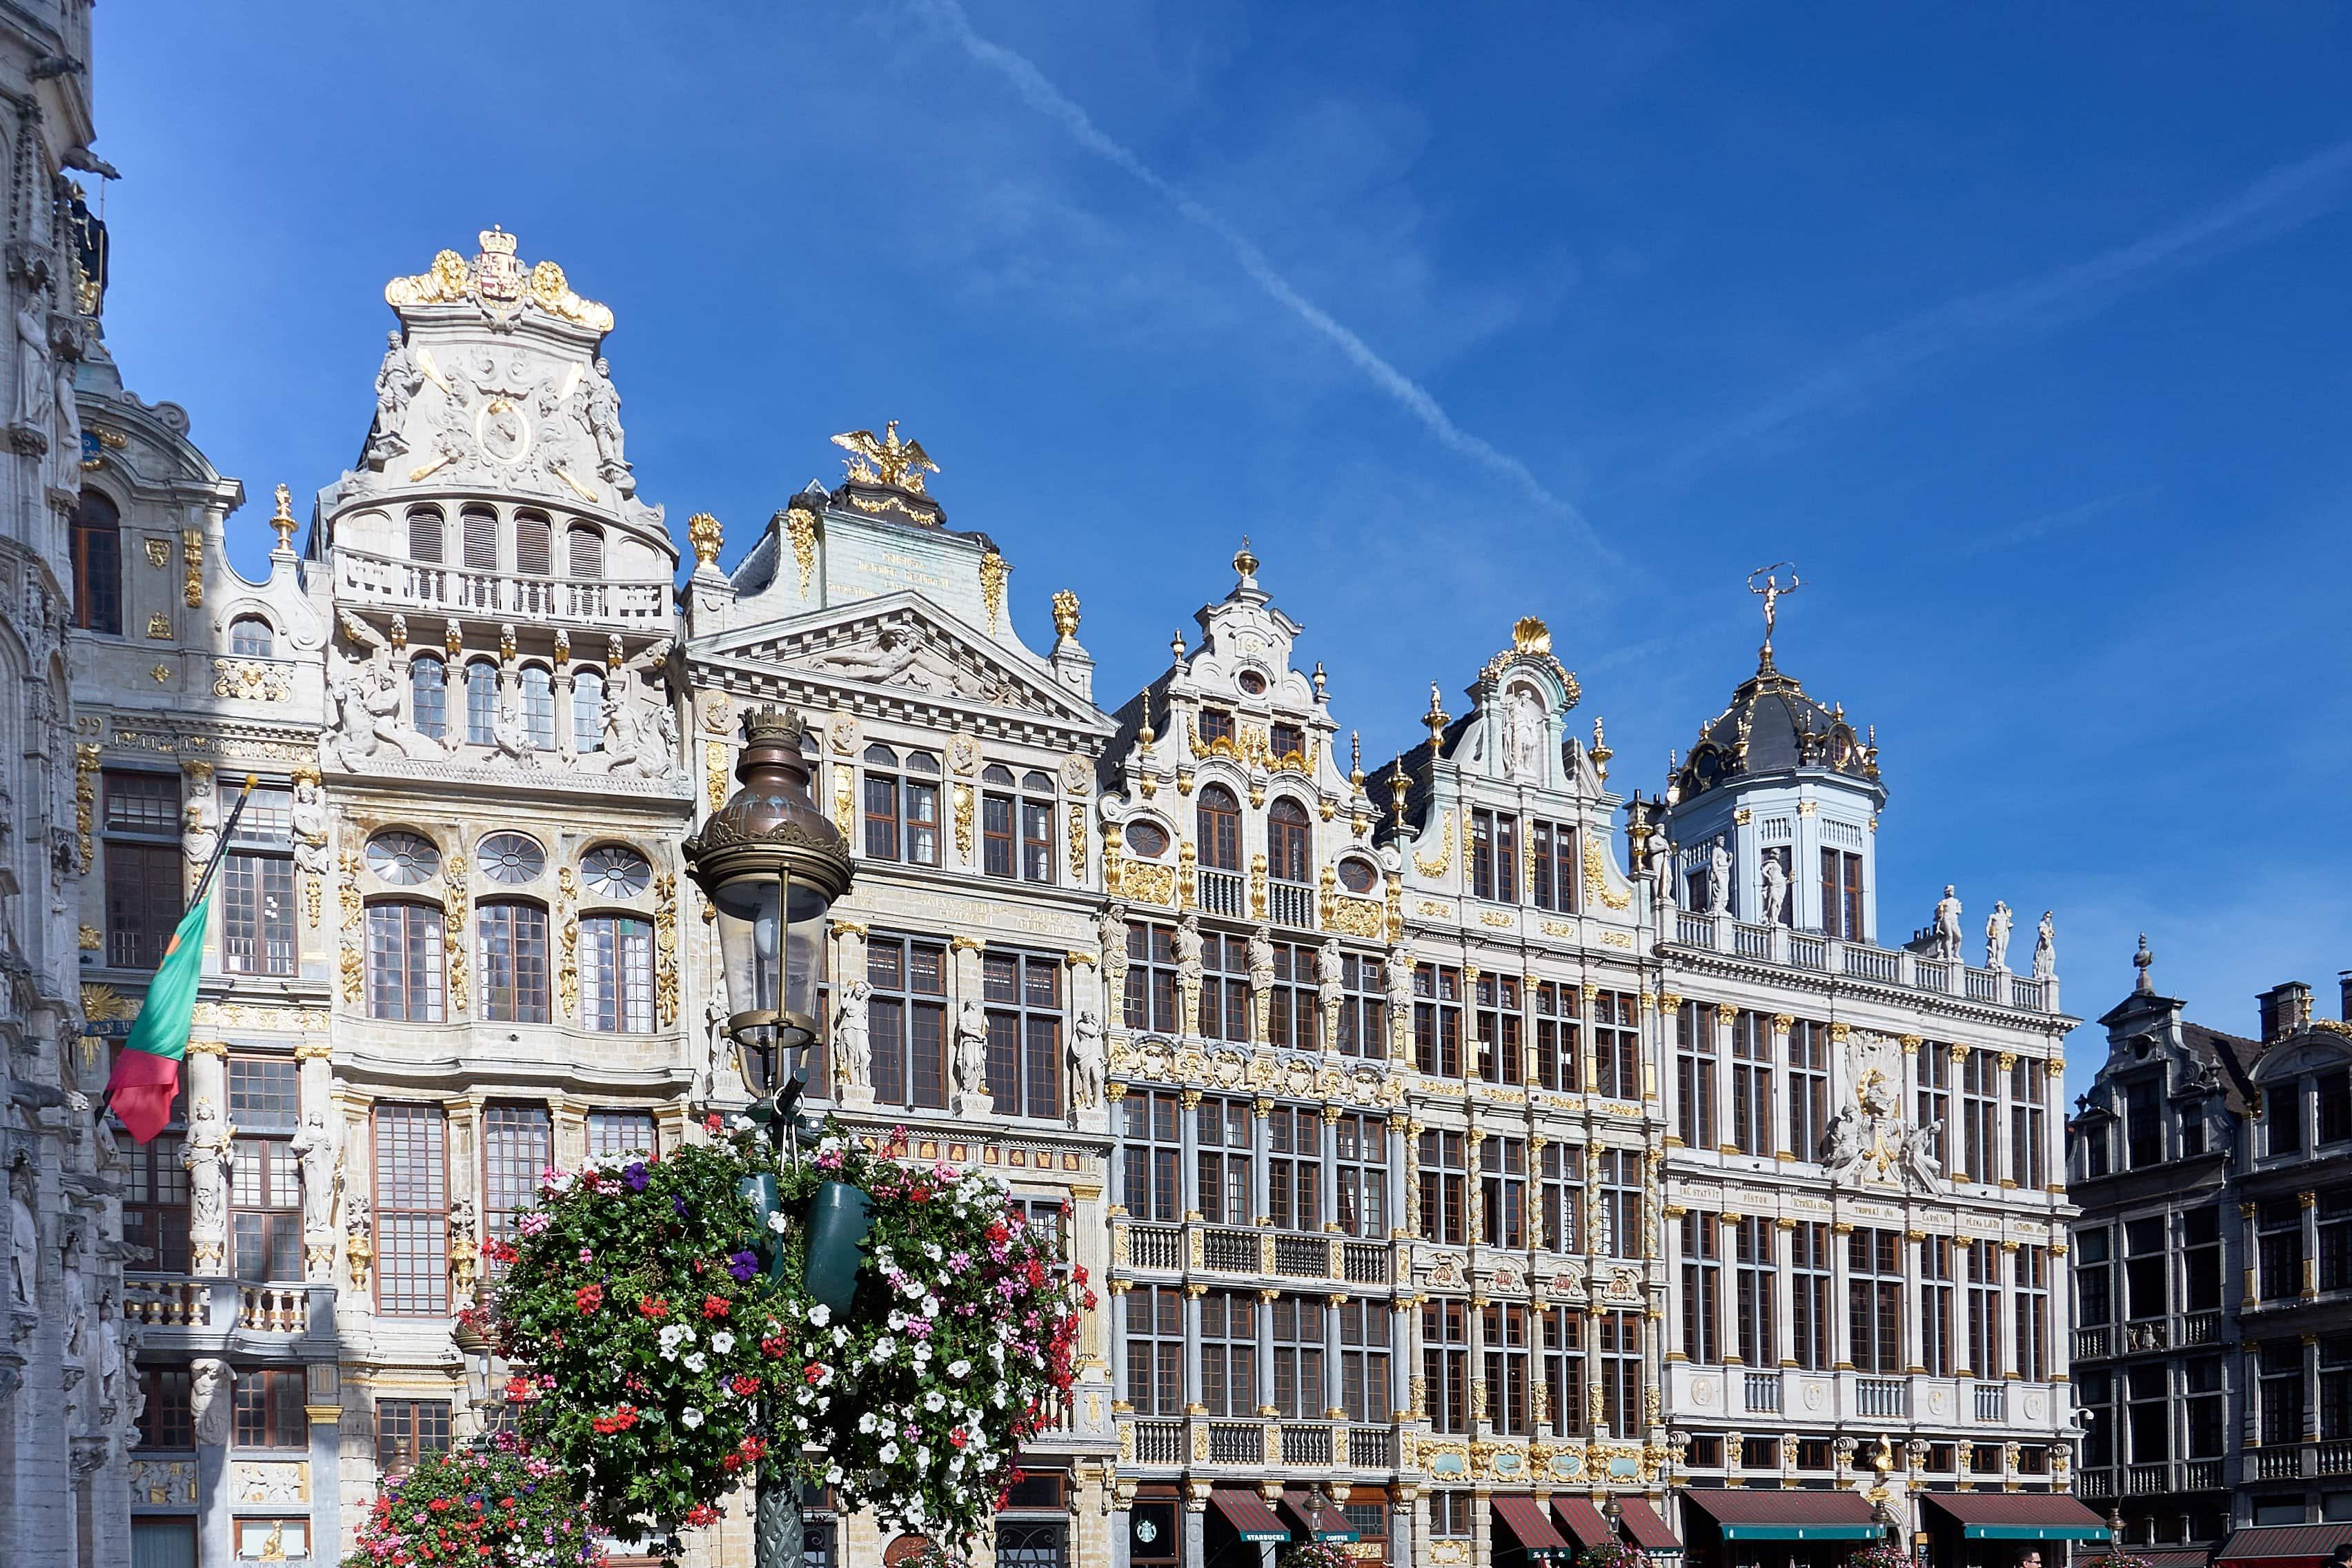 barocke gold verzierte Fassaden am Grand Place Brüssel